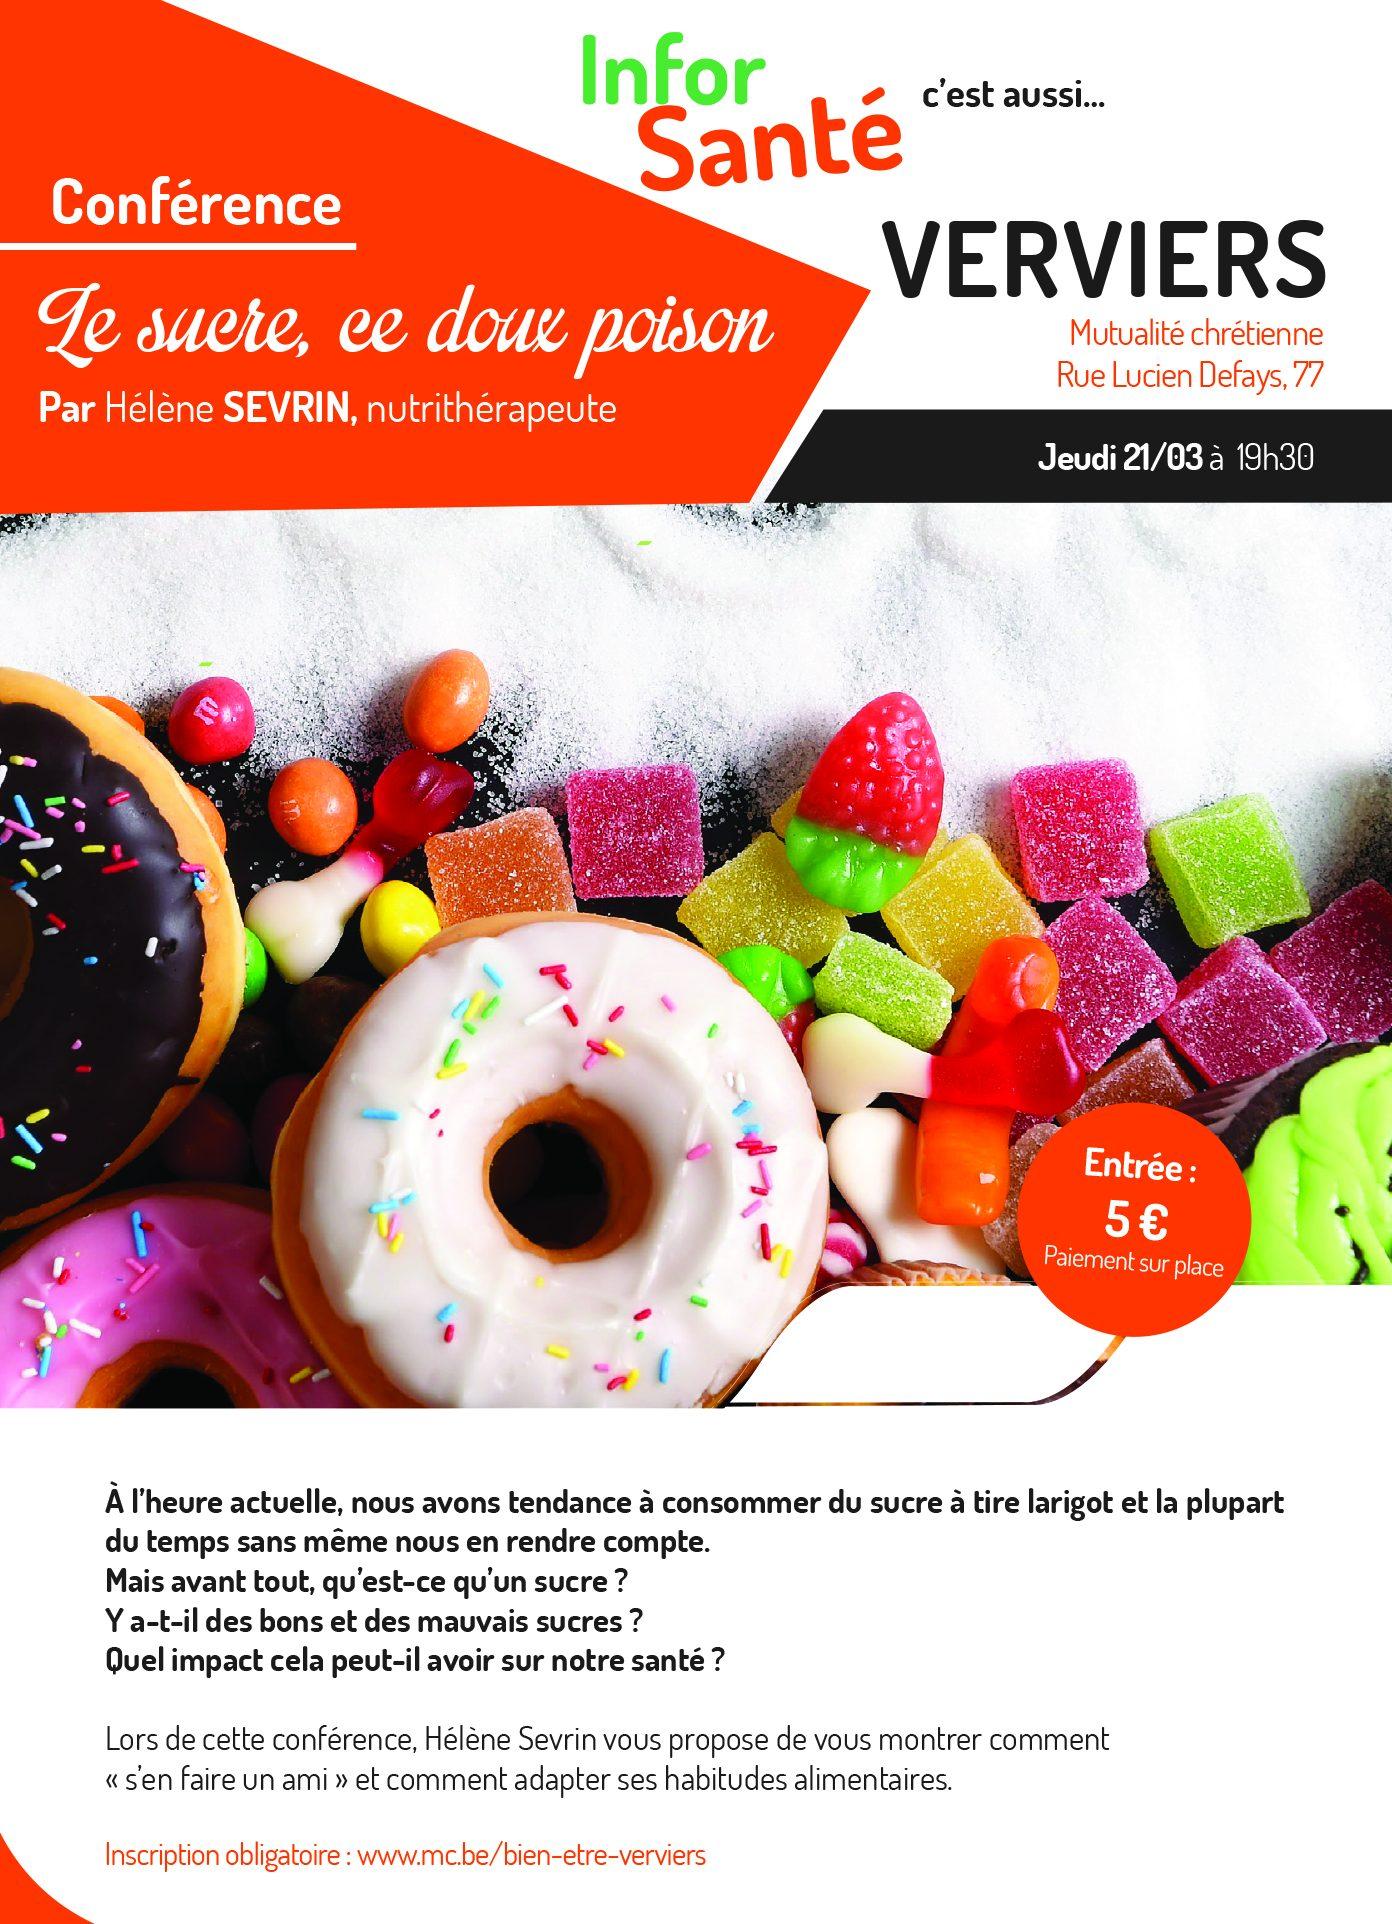 Conférence «Le sucre, ce doux poison» à Verviers